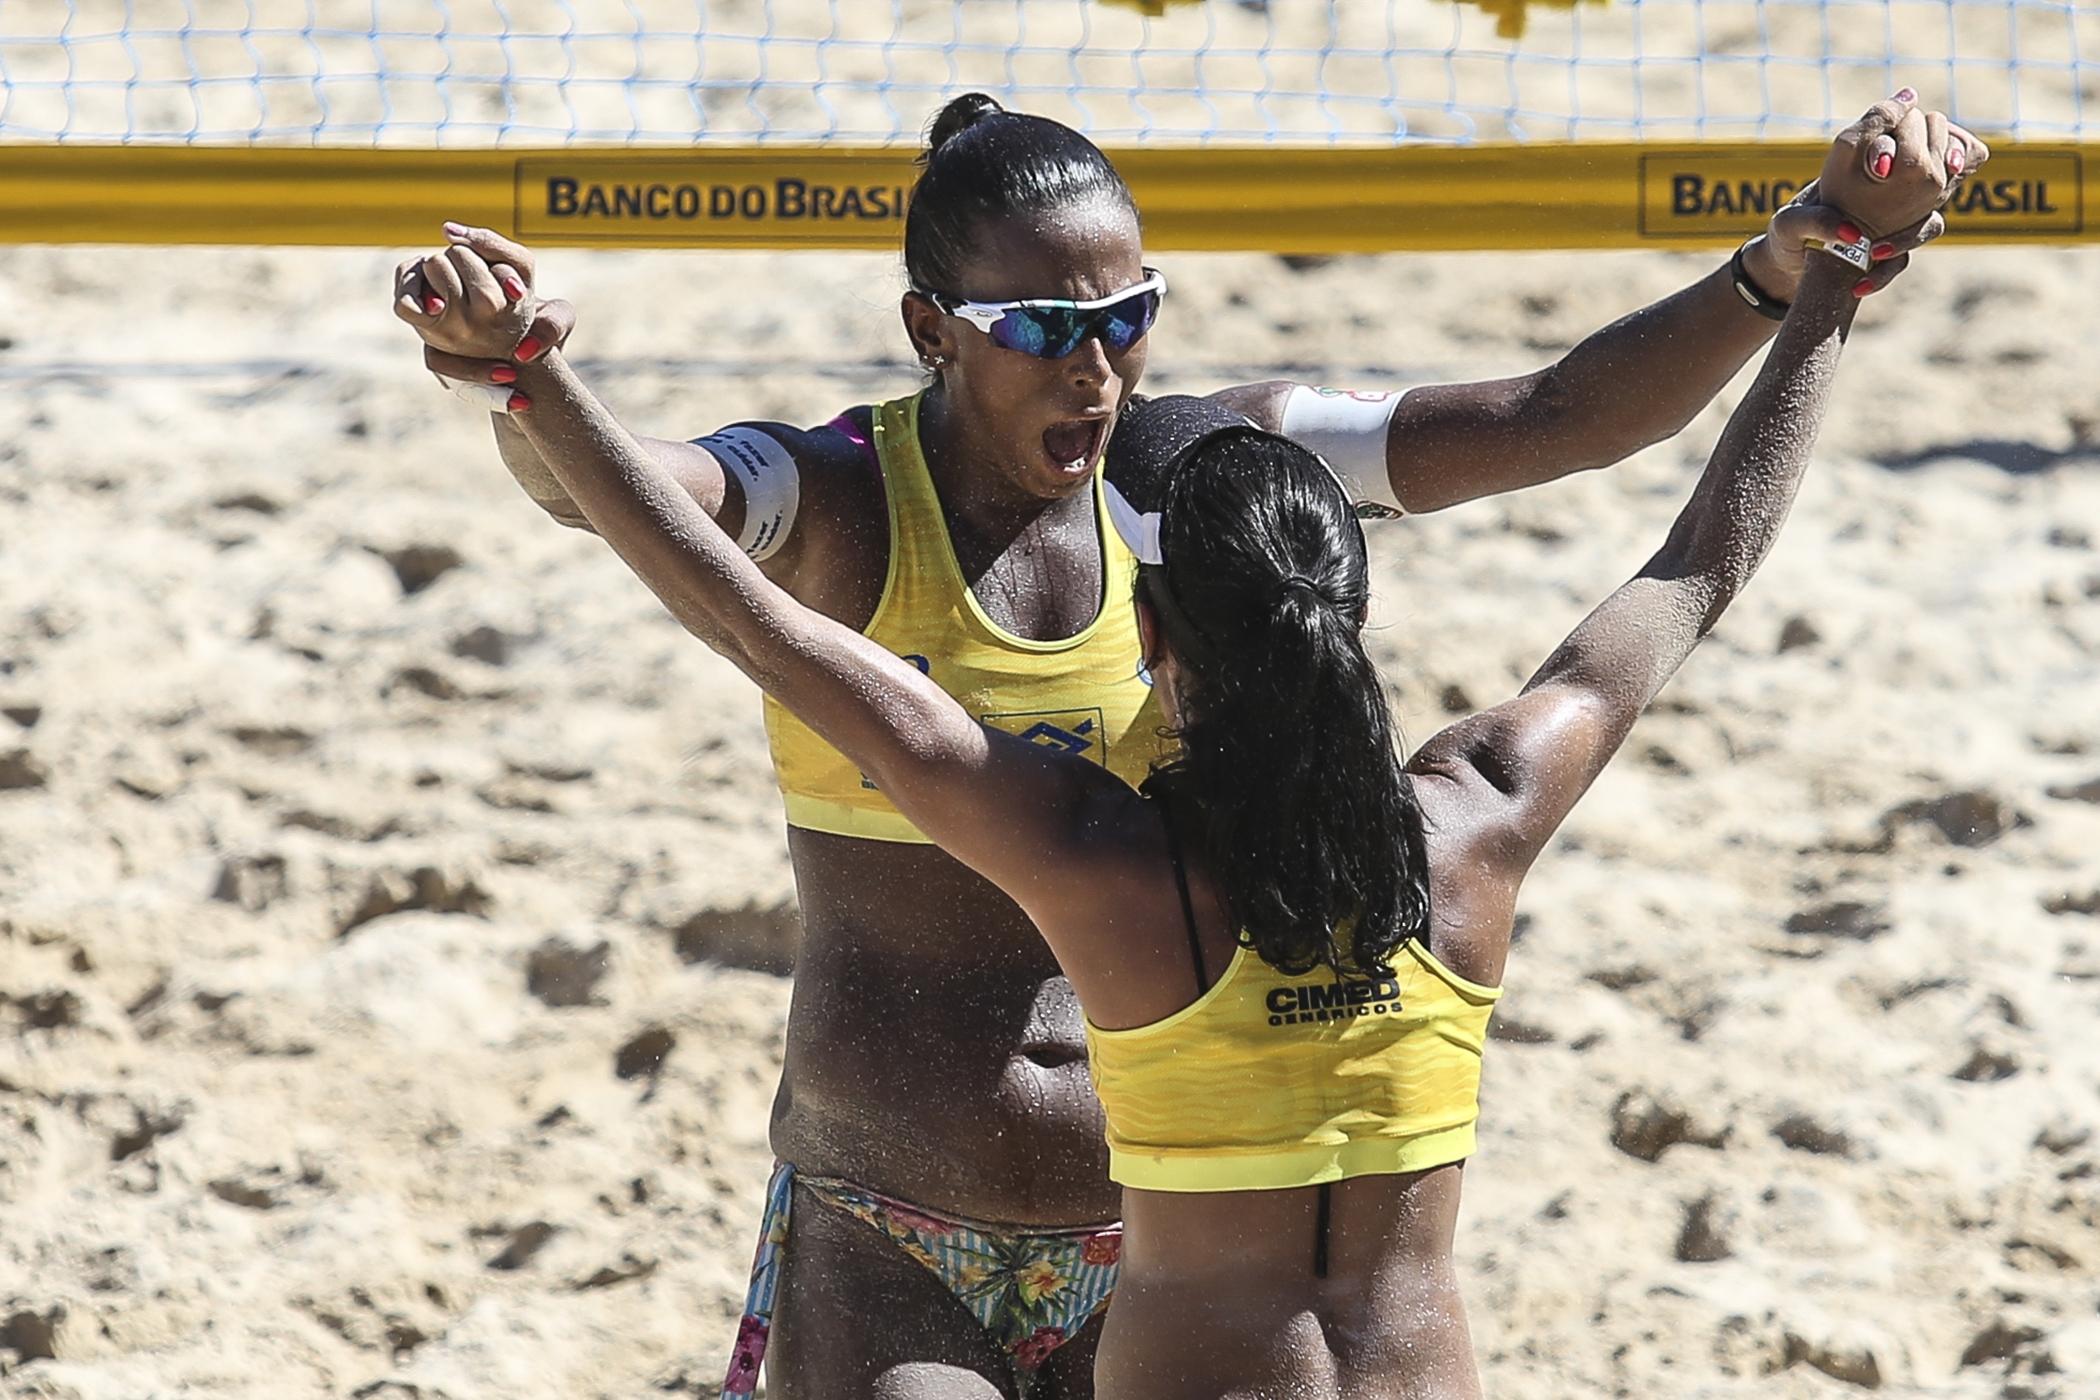 Alagoanas vencem no classificatório e aumentam número de atletas da casa